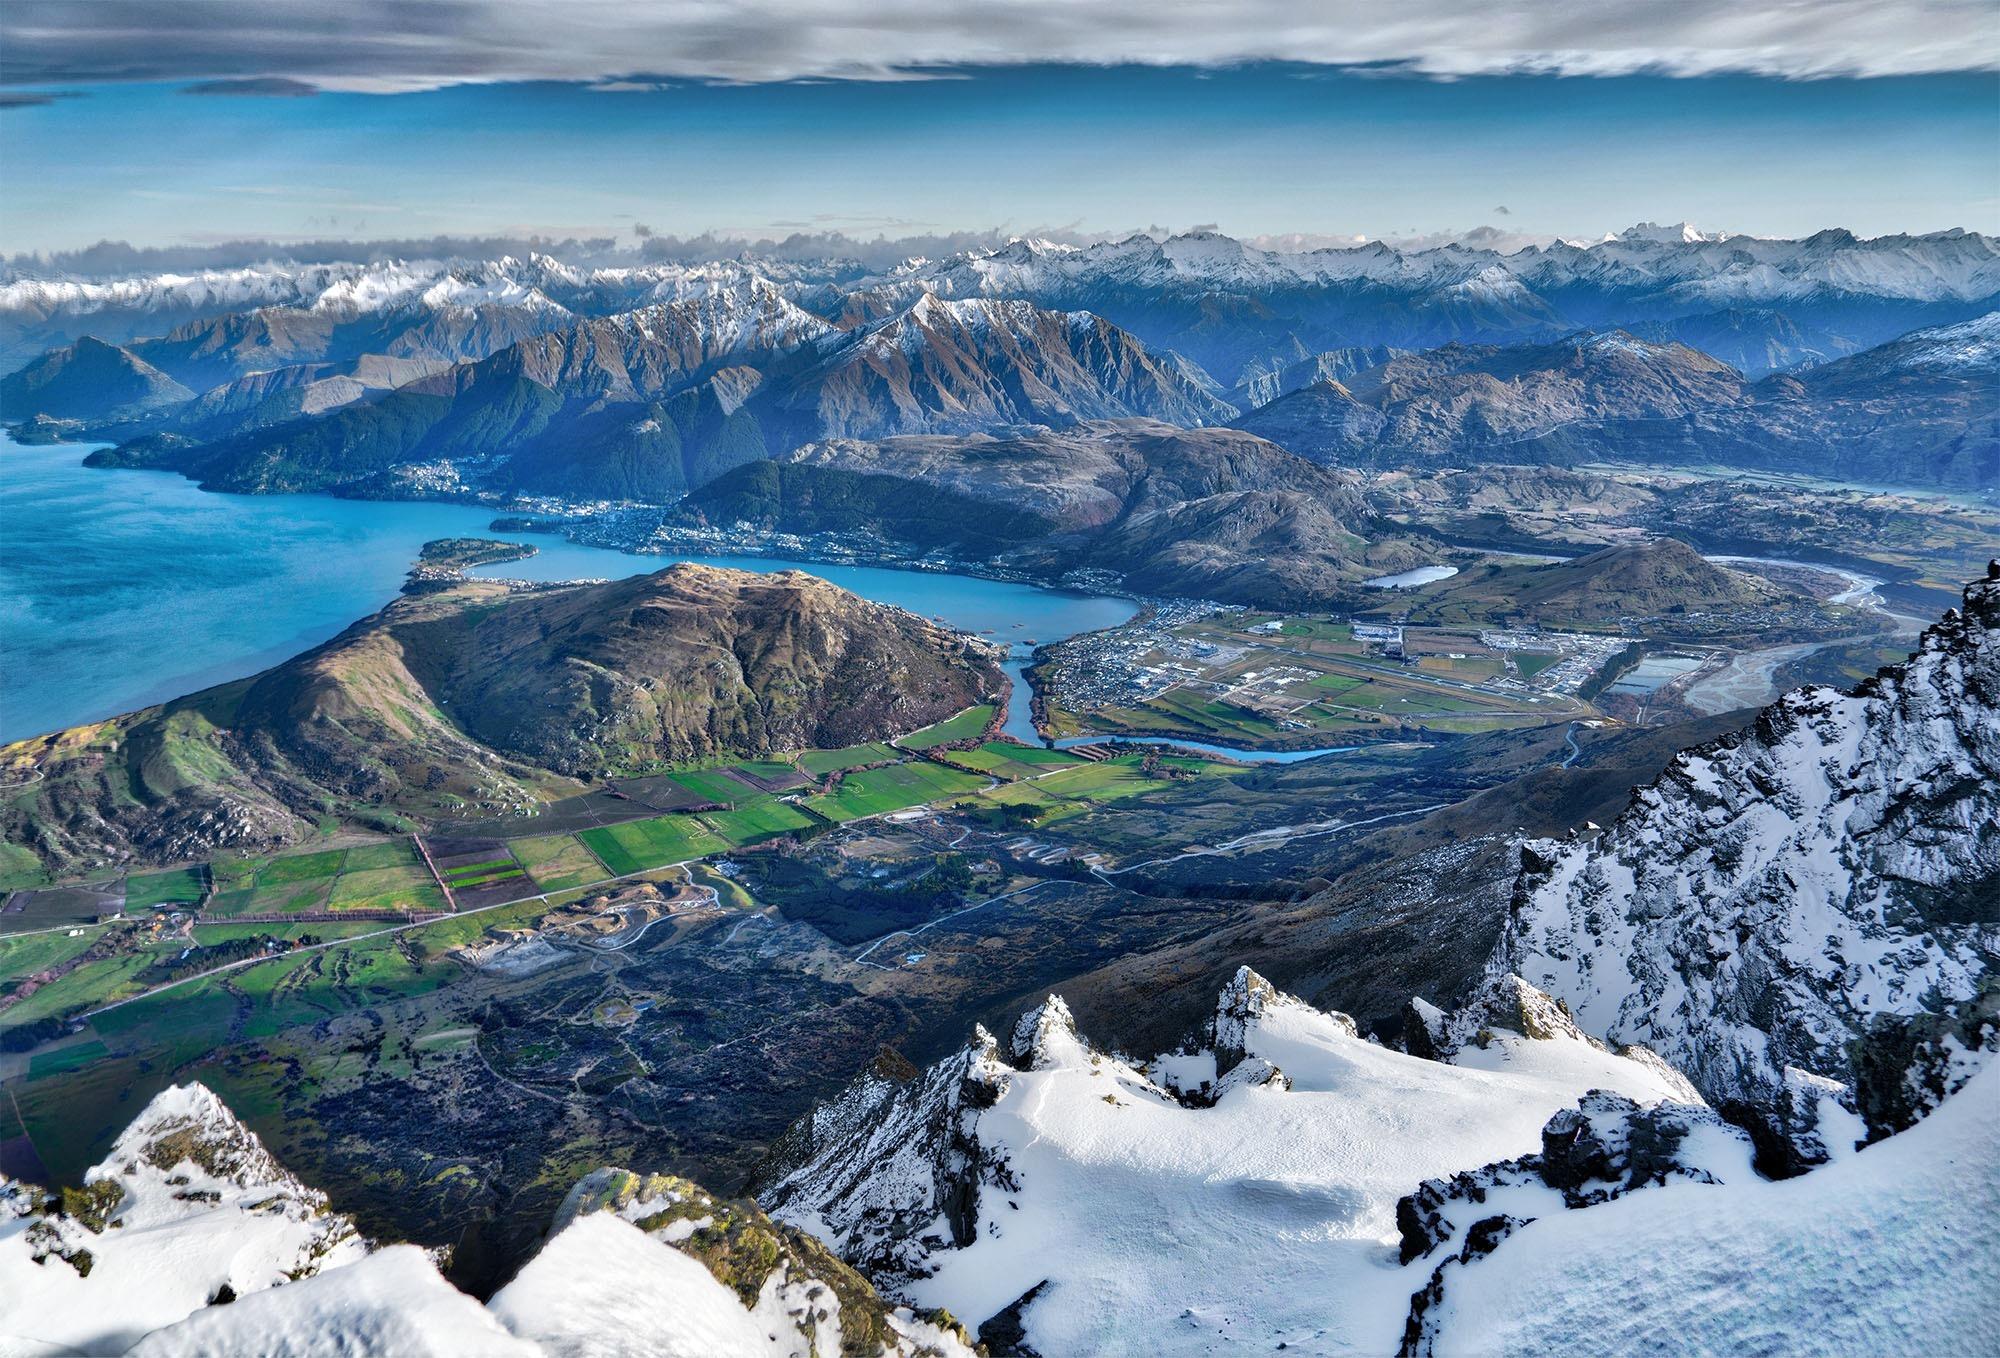 Nueva Zelanda Hd: From Above Fondo De Pantalla HD